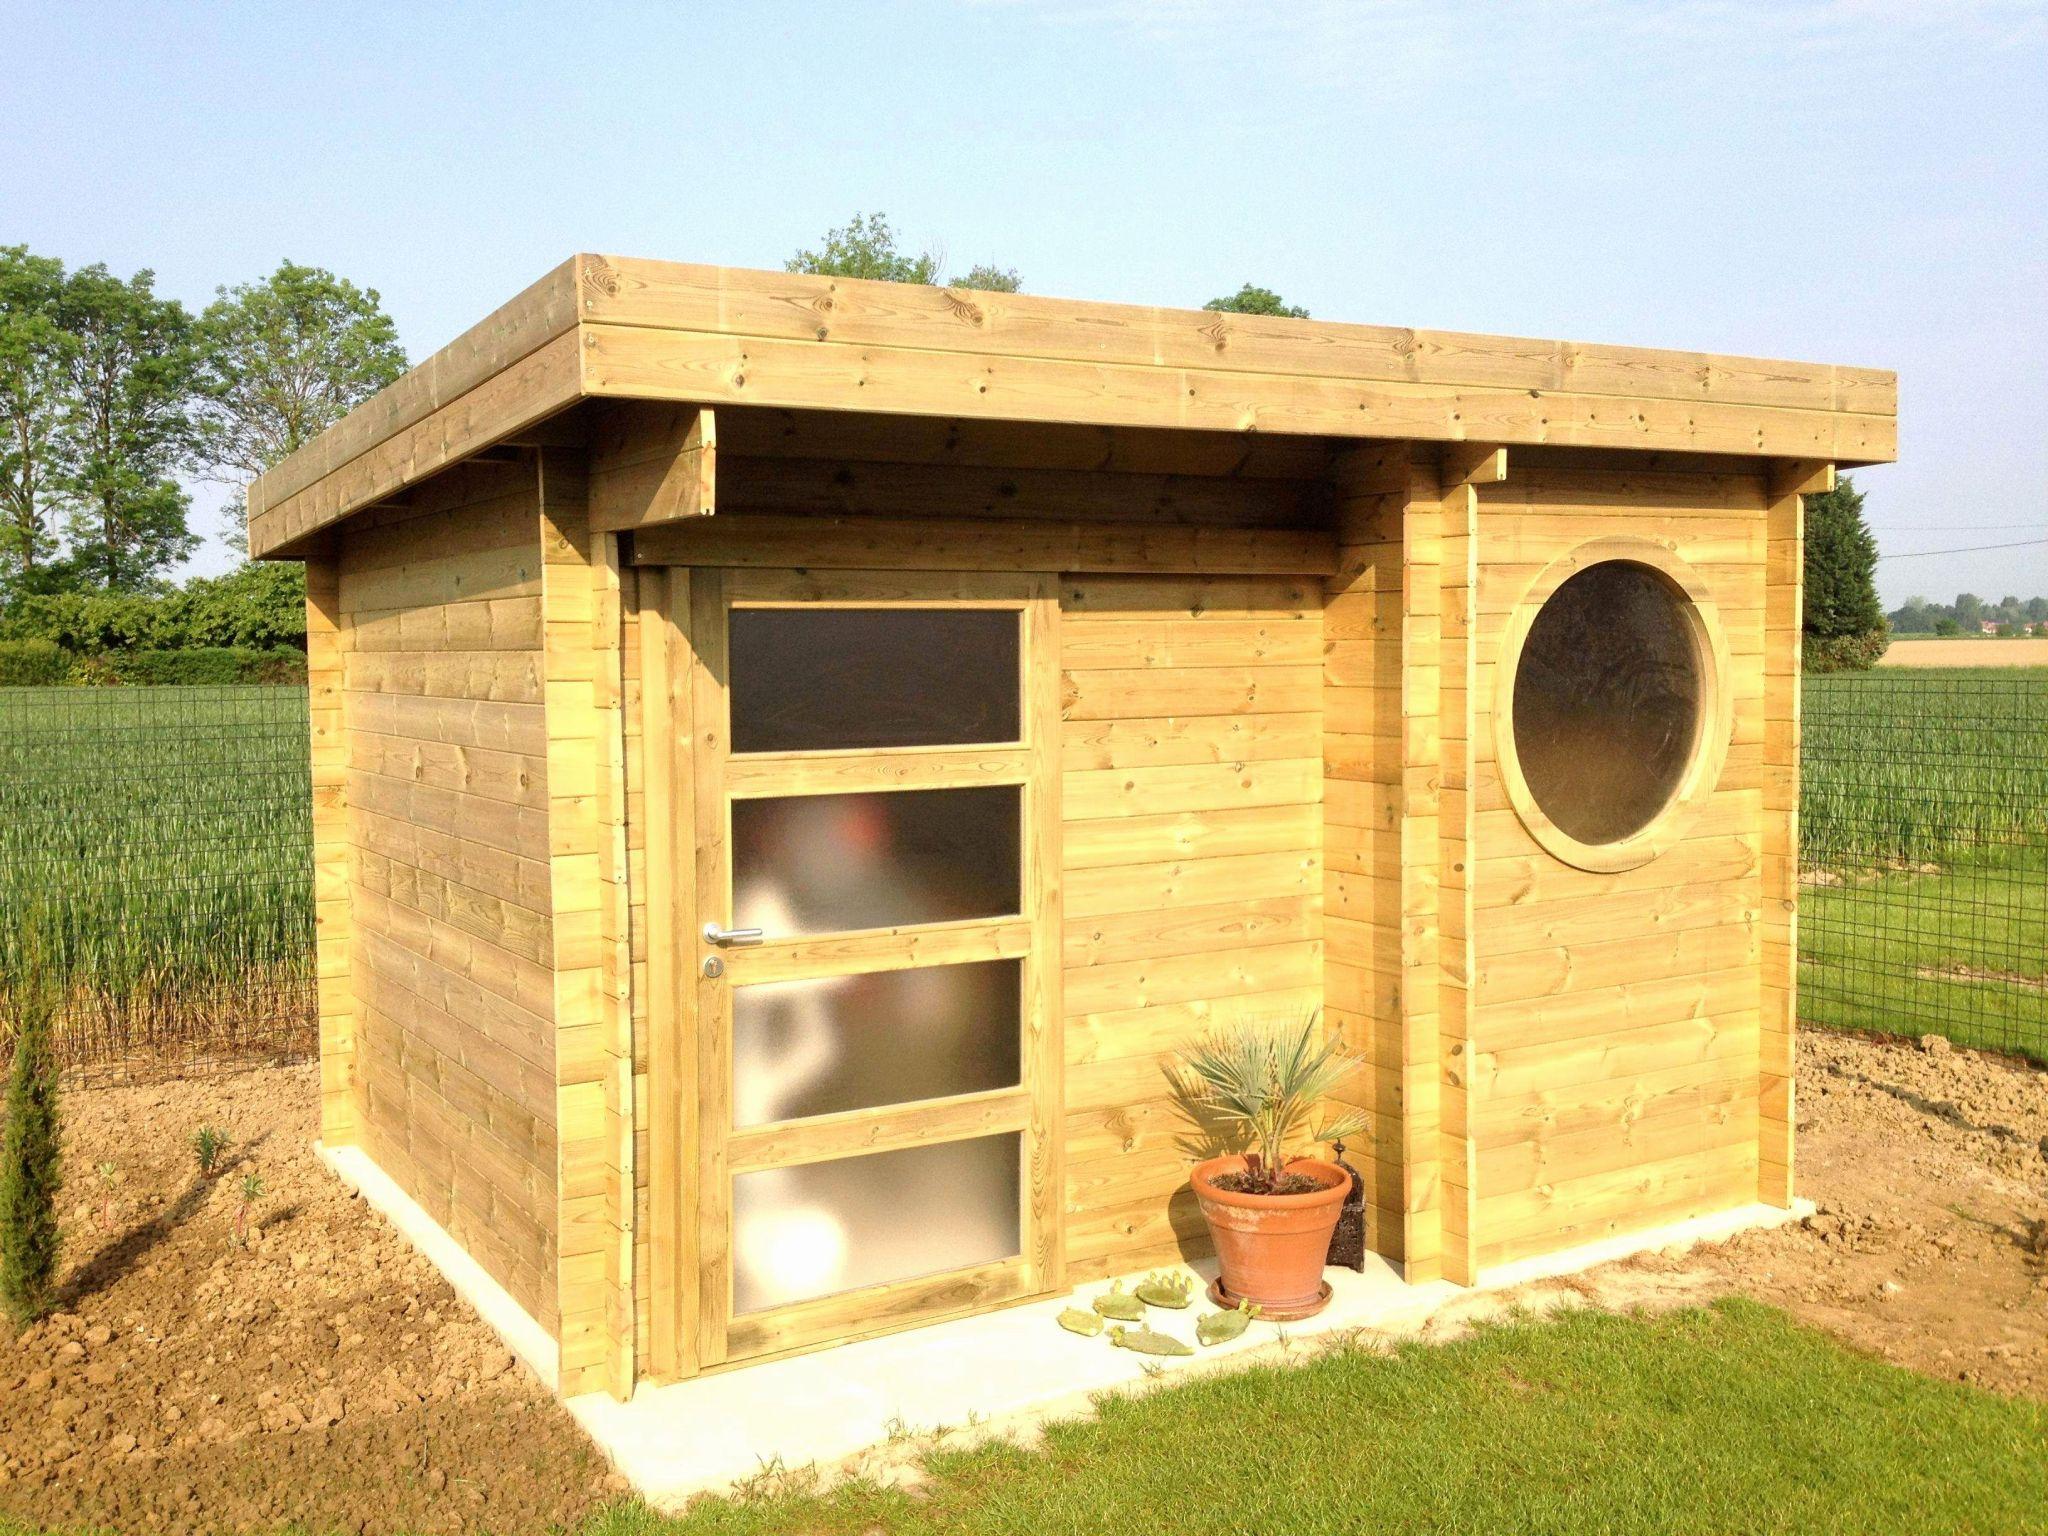 Construire Abri Jardin Des Idées - Idees Conception Jardin pour Construire Un Abri De Jardin En Bois Soi Meme